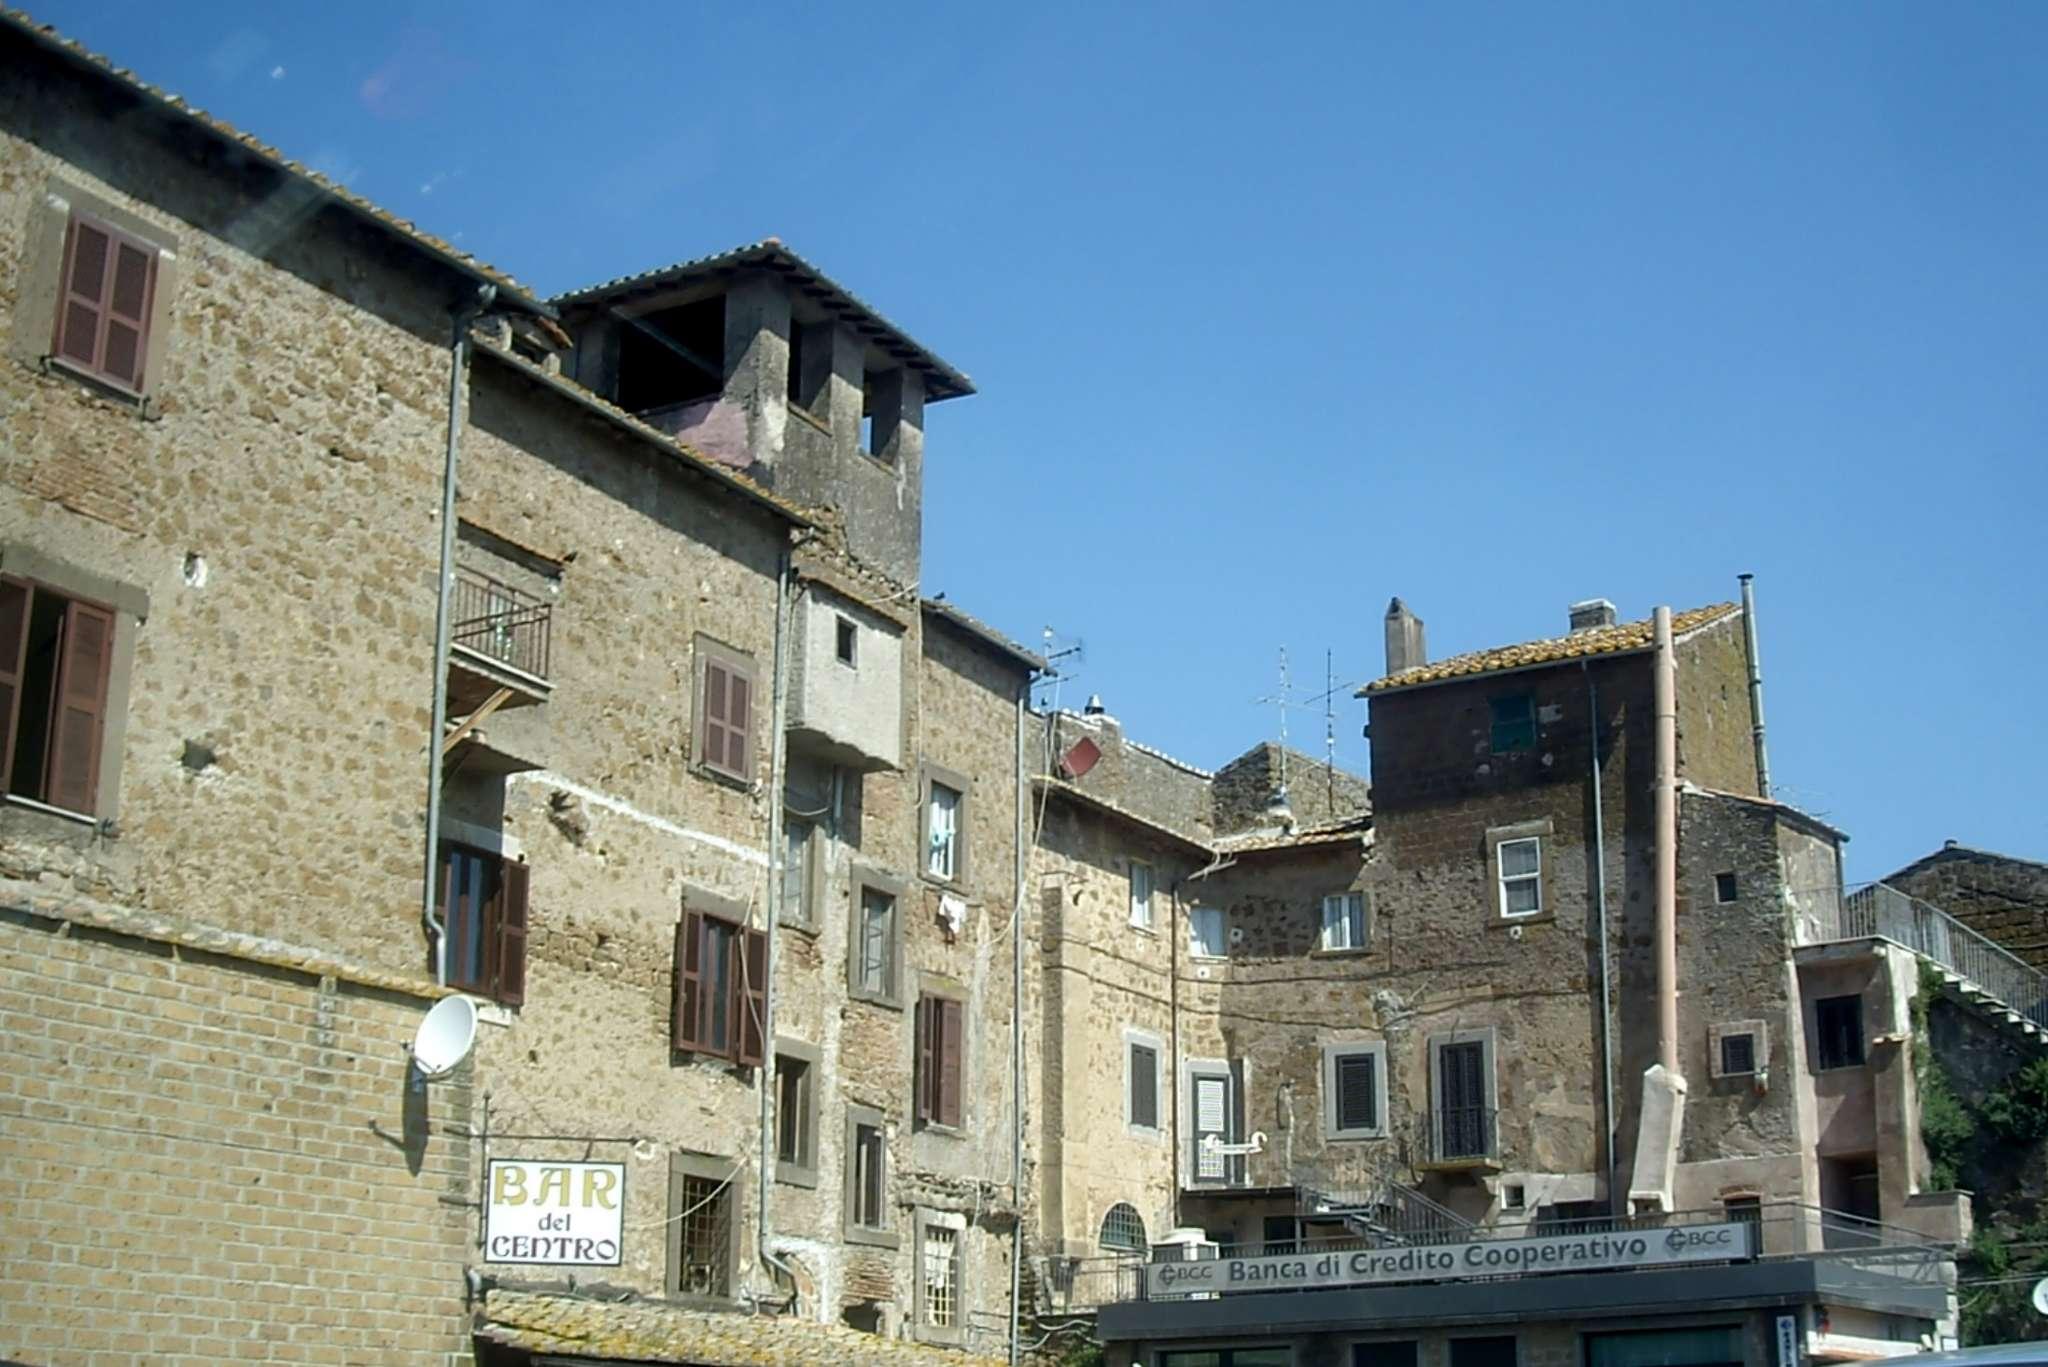 Appartamento in vendita a Blera, 1 locali, prezzo € 15.000 | CambioCasa.it